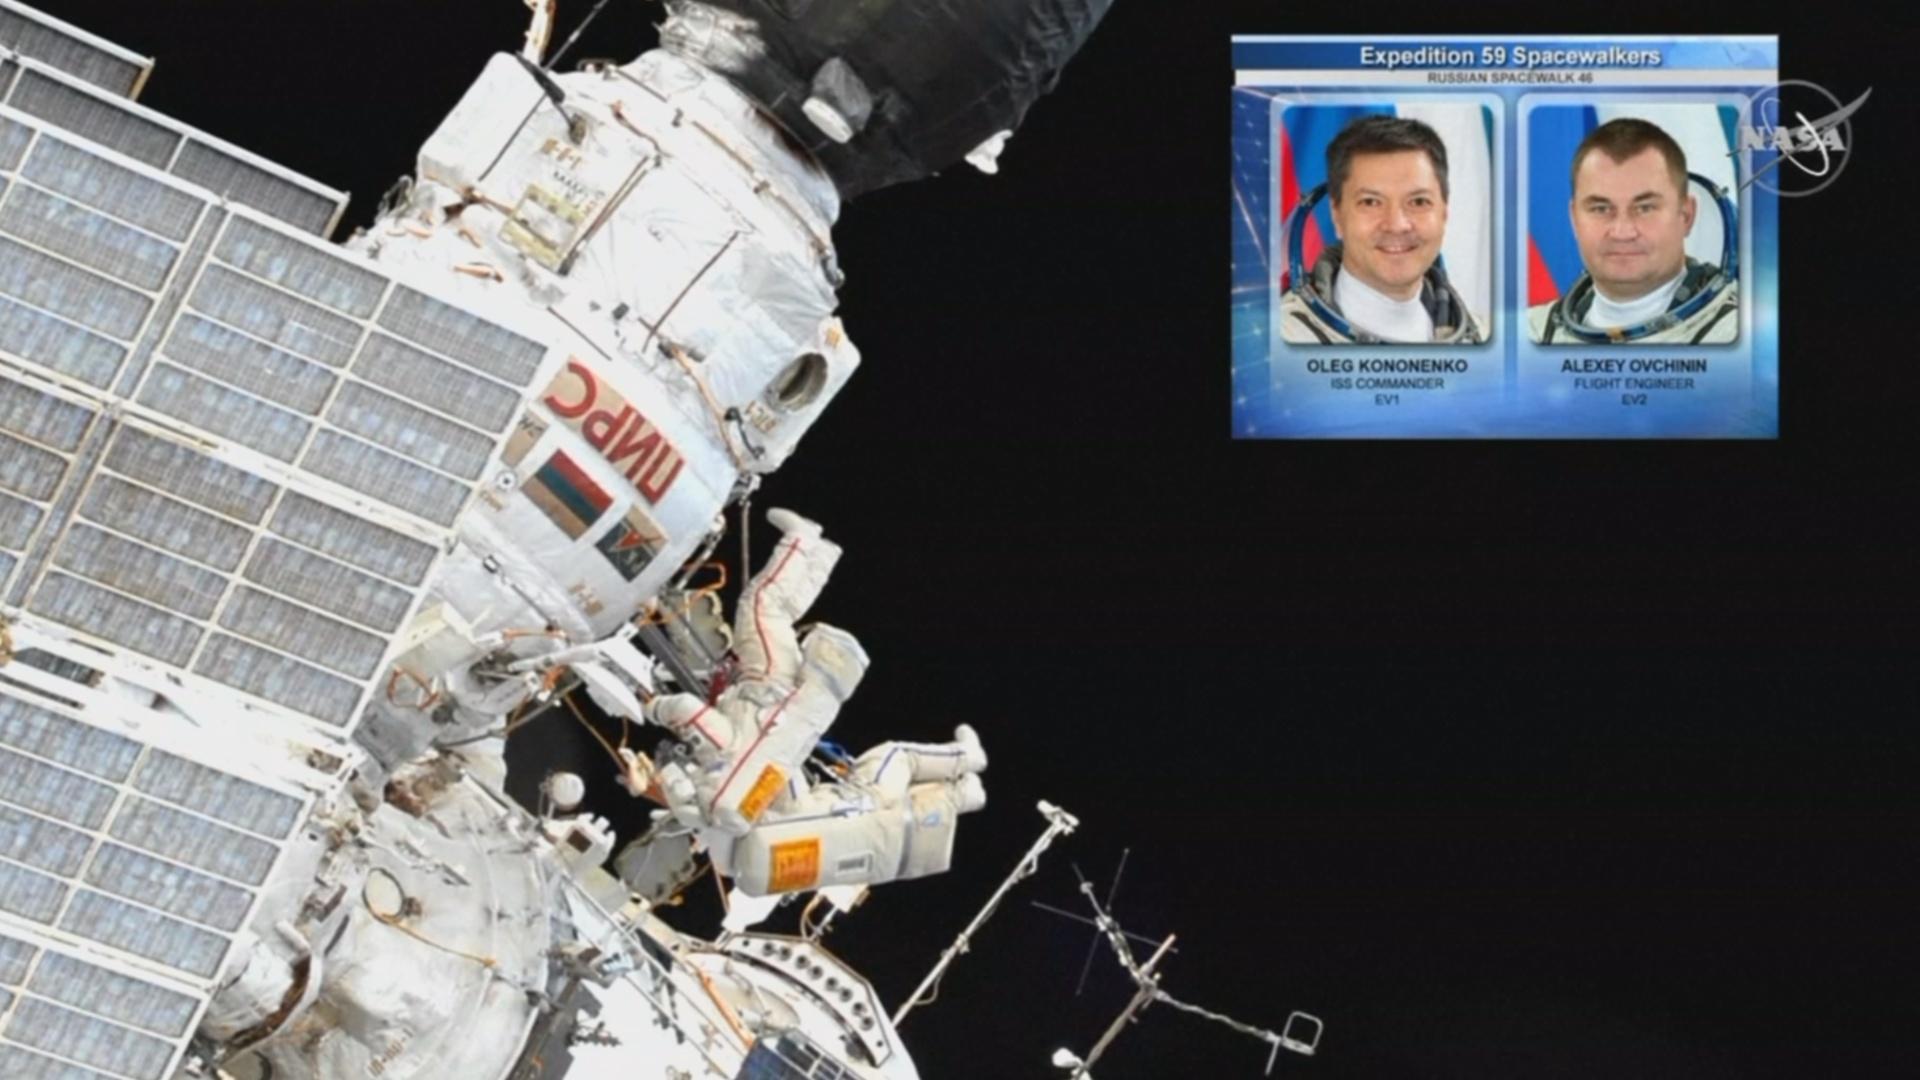 Кононенко и Овчинин из открытого космоса поздравили Алексея Леонова